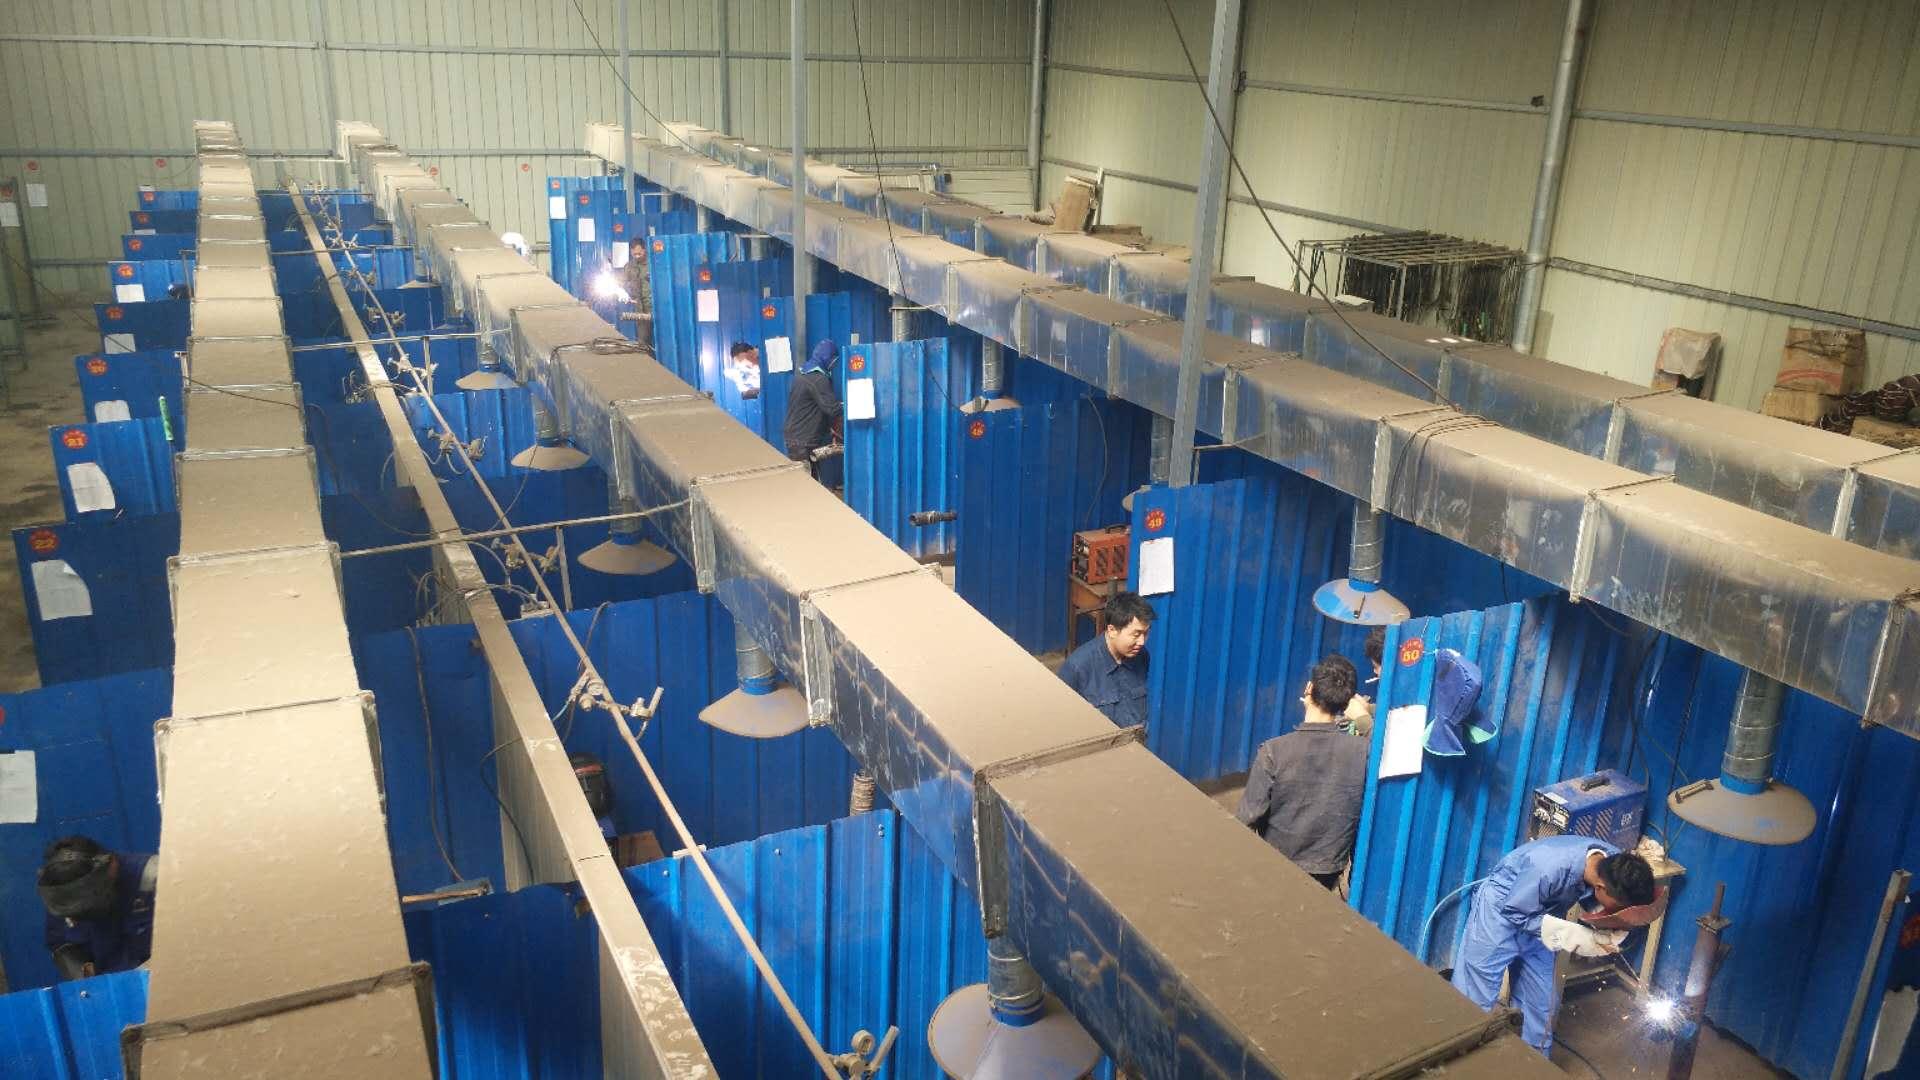 河南洛阳管道焊培学校学员来自山东电厂老焊工培训学校